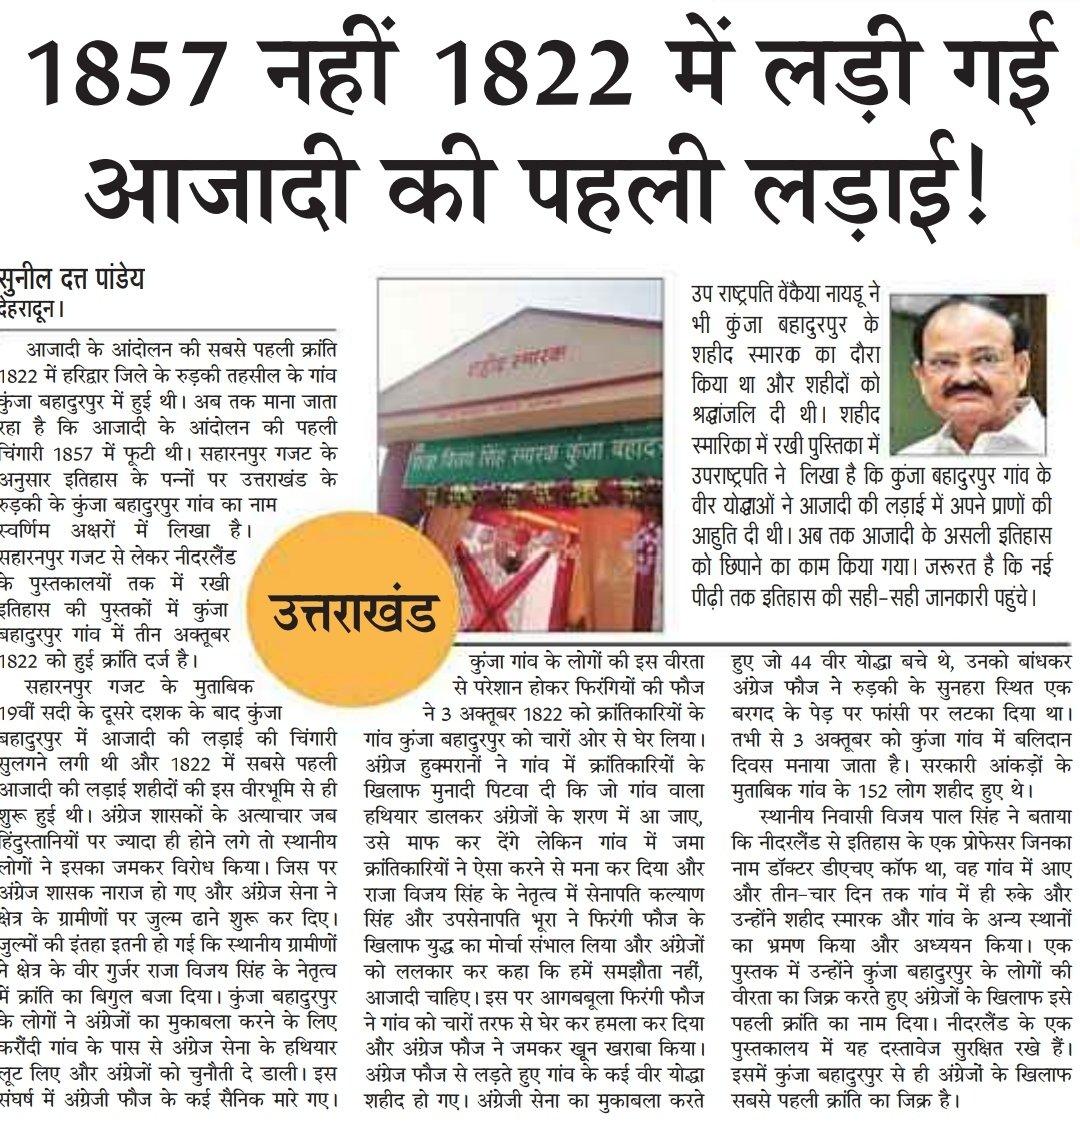 इतिहास को कभी दबाया नहीं जा सकता!  इतिहास अपने आप को दोहराता जरूर है!!  #History #HistoryMatters #Historiography #gurjar https://t.co/cVg2qFQbxf